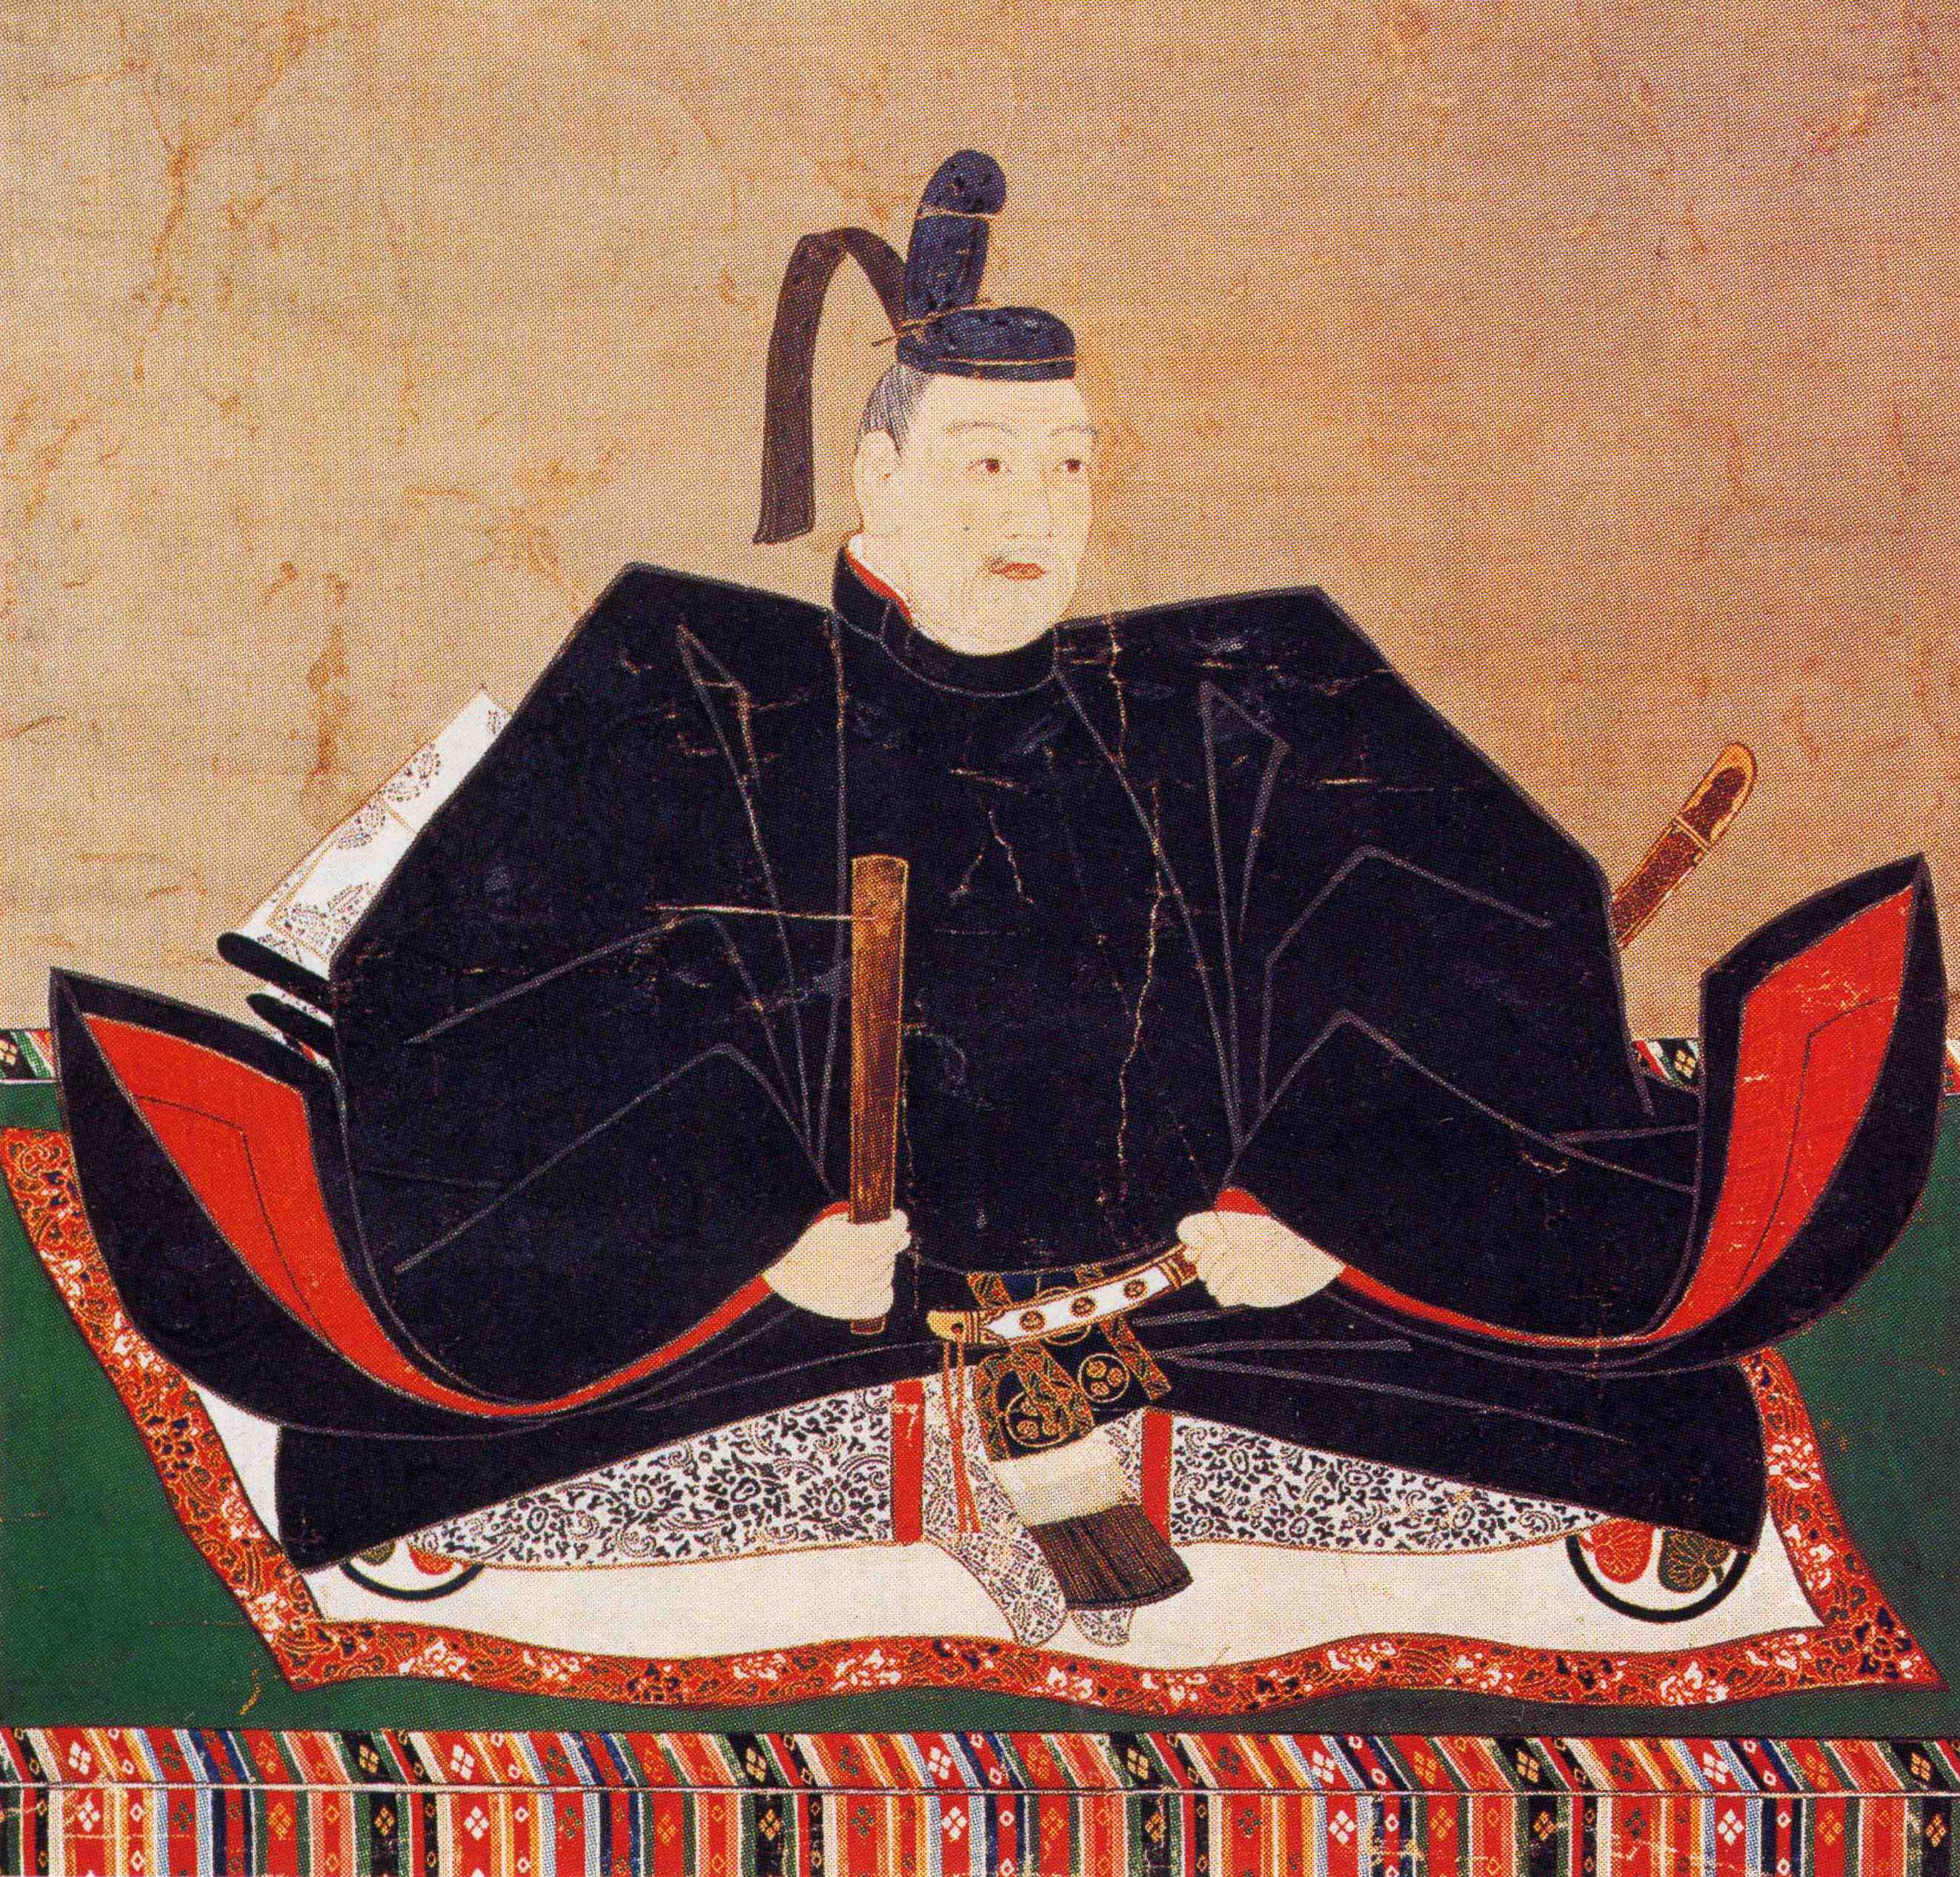 徳川 二 代目 徳川将軍一覧 - Wikipedia